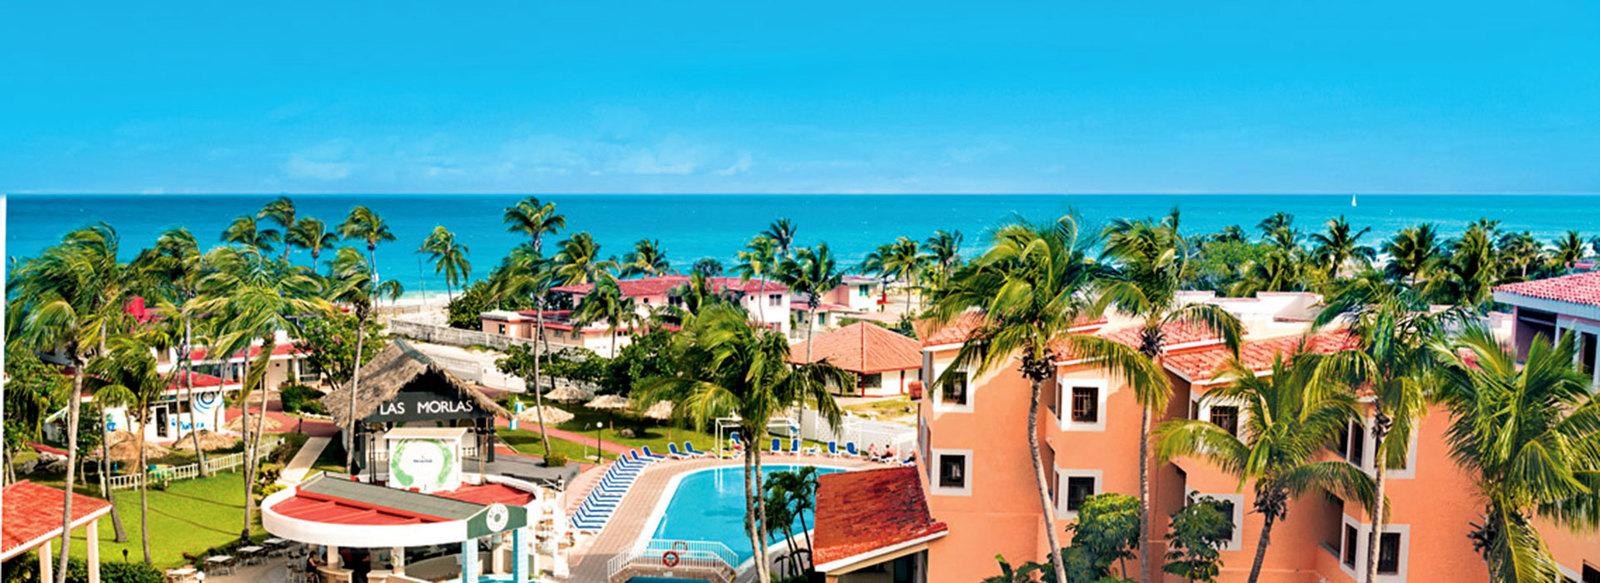 Posizione invidiabile, nel cuore dei Caraibi